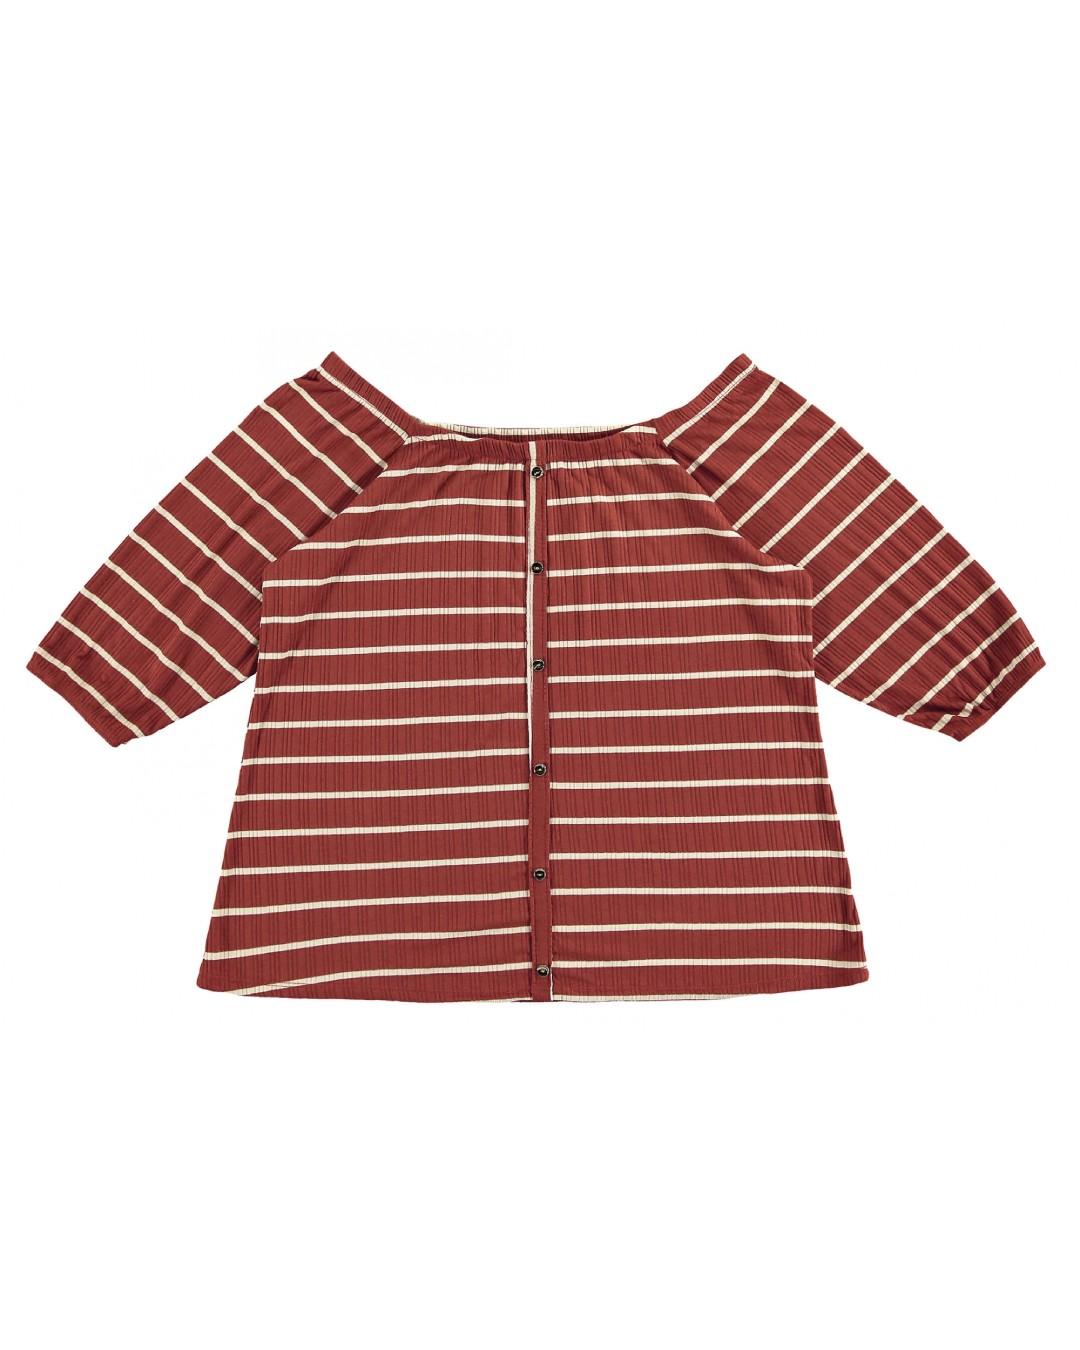 Blusa Plus Size Feminina Listrada c/ Botão - Lecimar